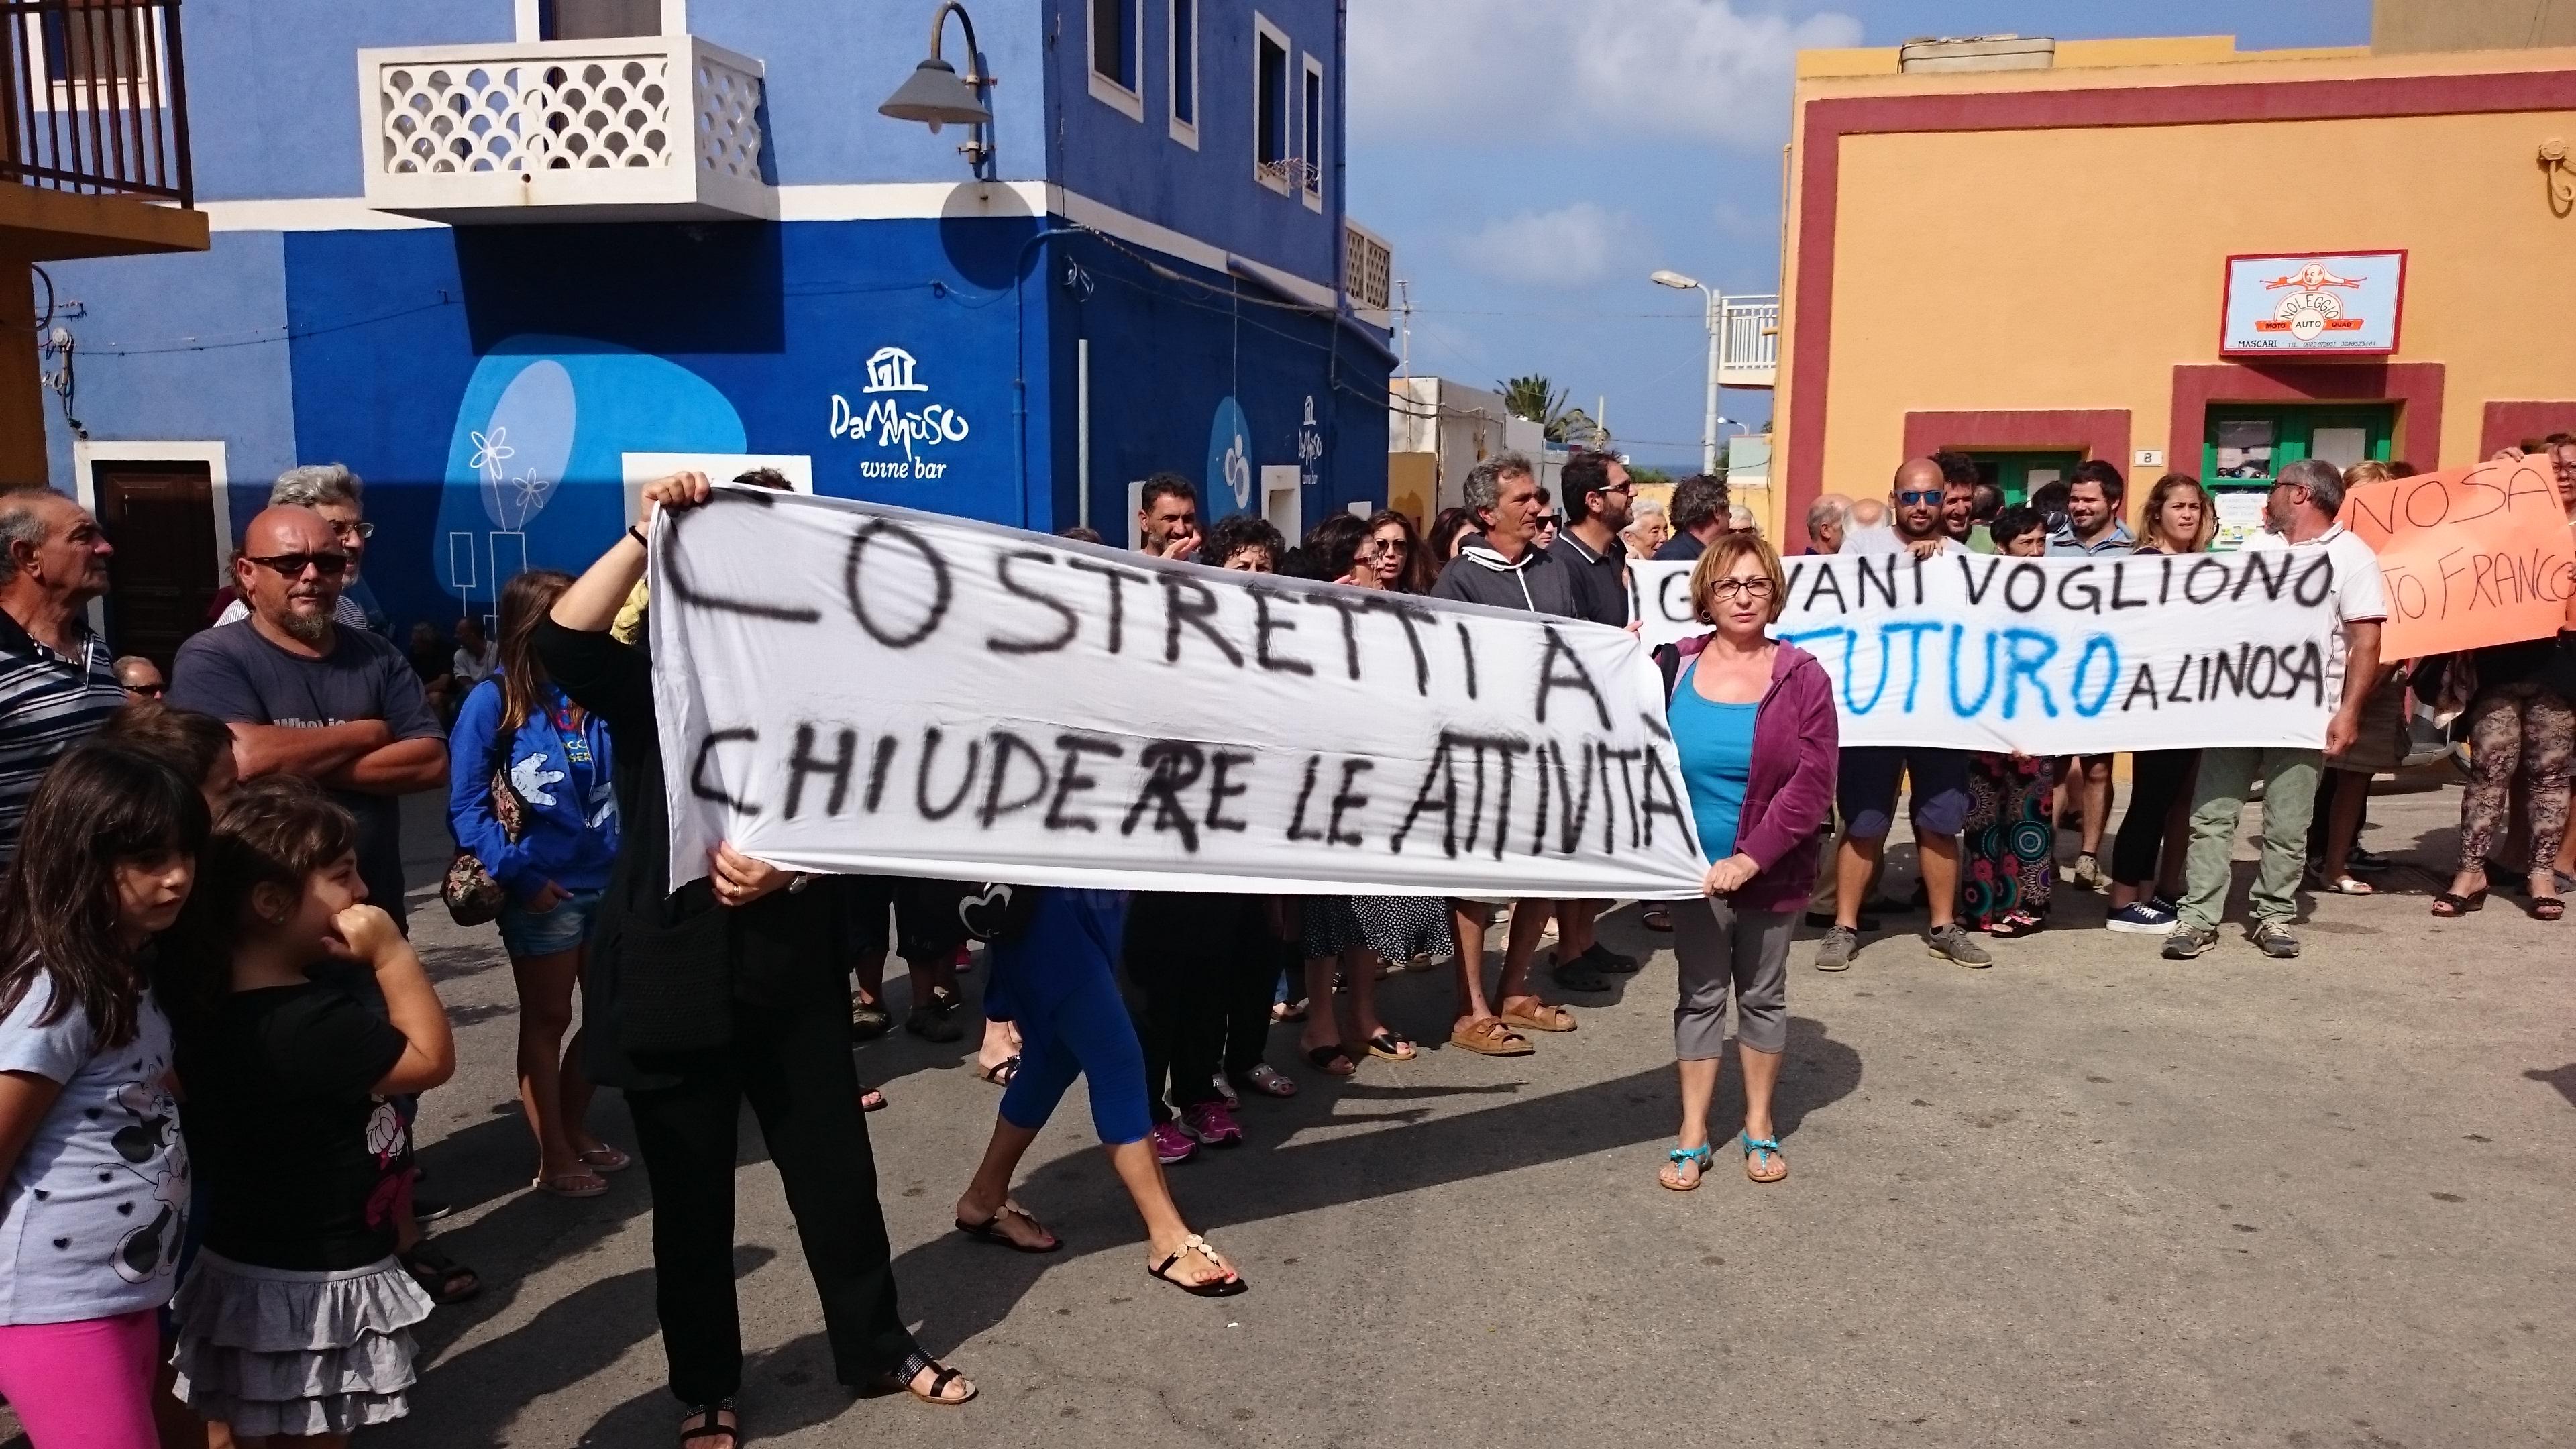 Linosa: I residenti lamentano i collegamenti marittimi